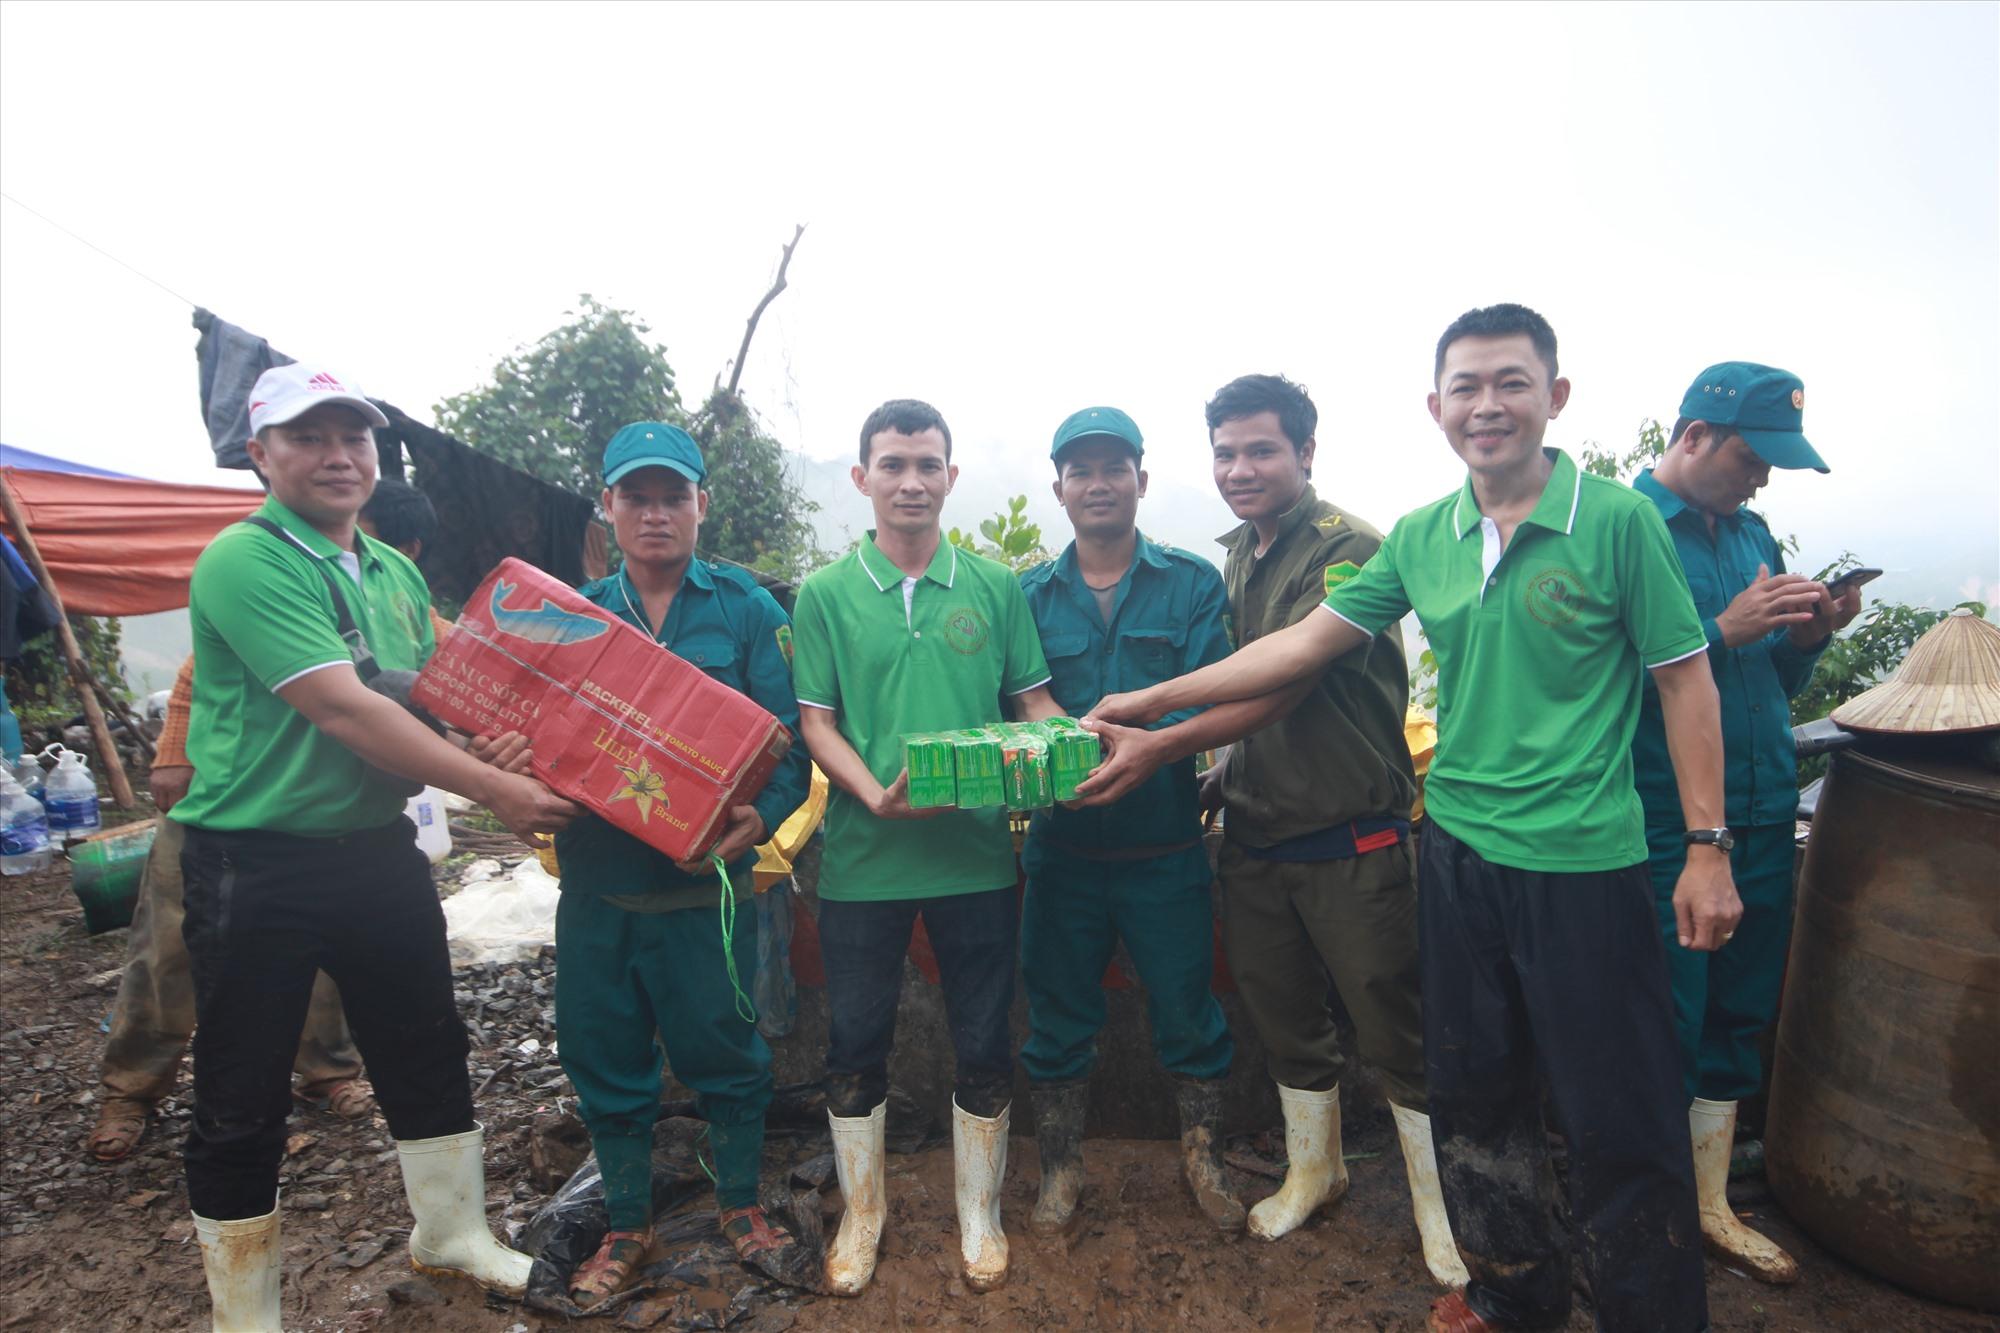 Các thành viên đội xung kích giúp dân ở thị trấn Khâm Đức chở hàng hóa, thực phẩm vào tặng cho đội dân quân hai xã Phước Thành, Phước Lộc. Ảnh: T.C